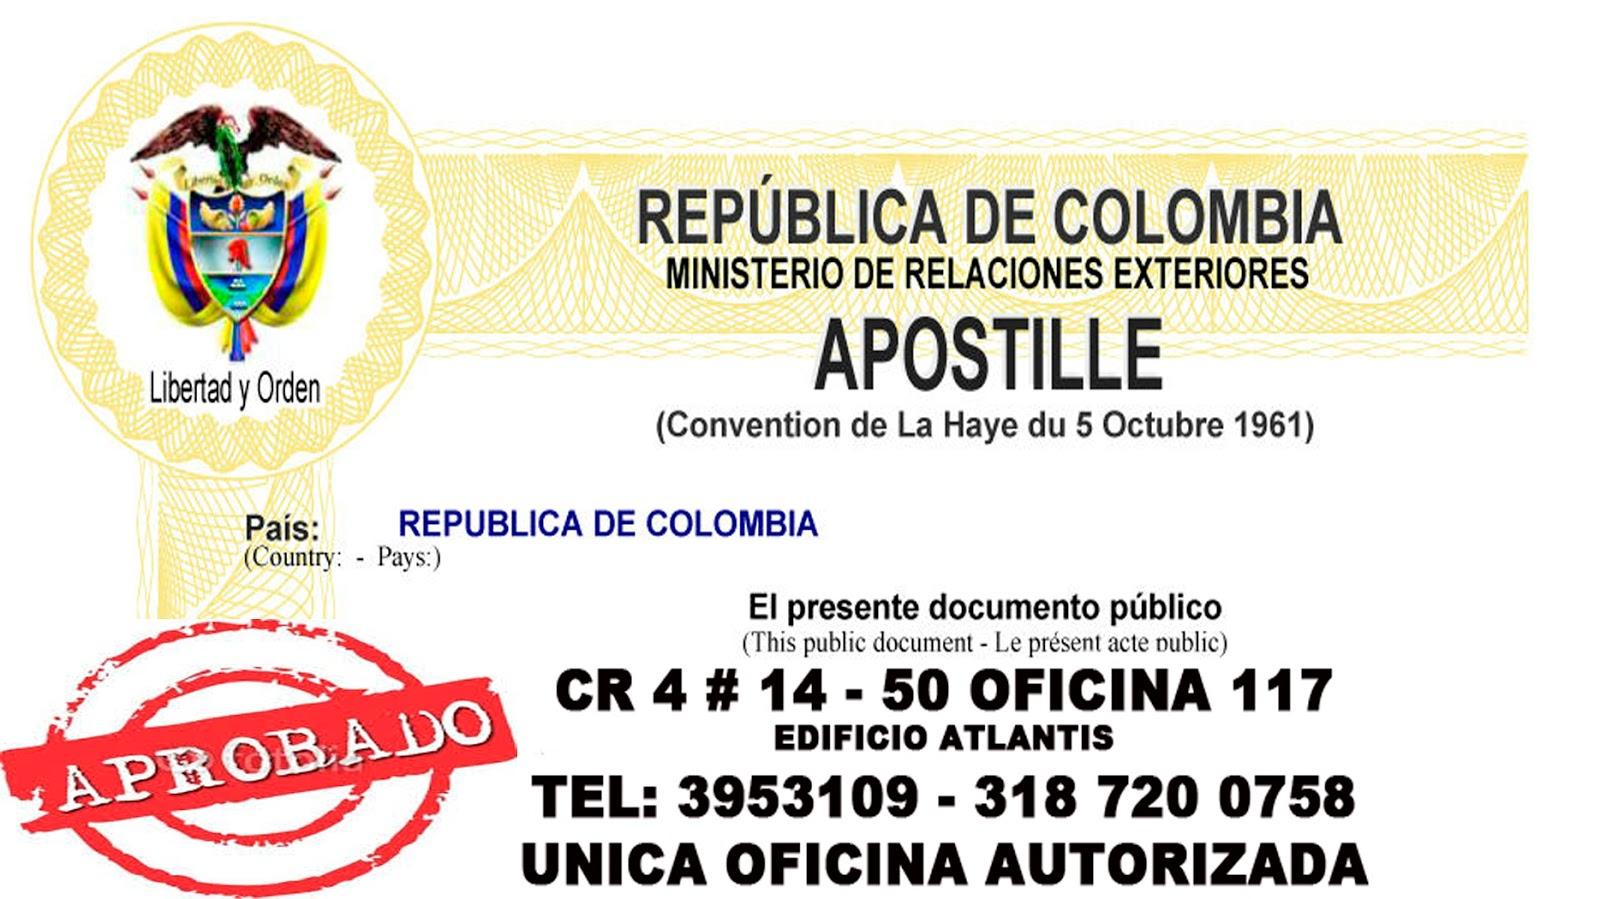 APOSTILLA EN CALI, LEGALIZACION,tel 3103851682 TRADUCTOR OFICIAL ...